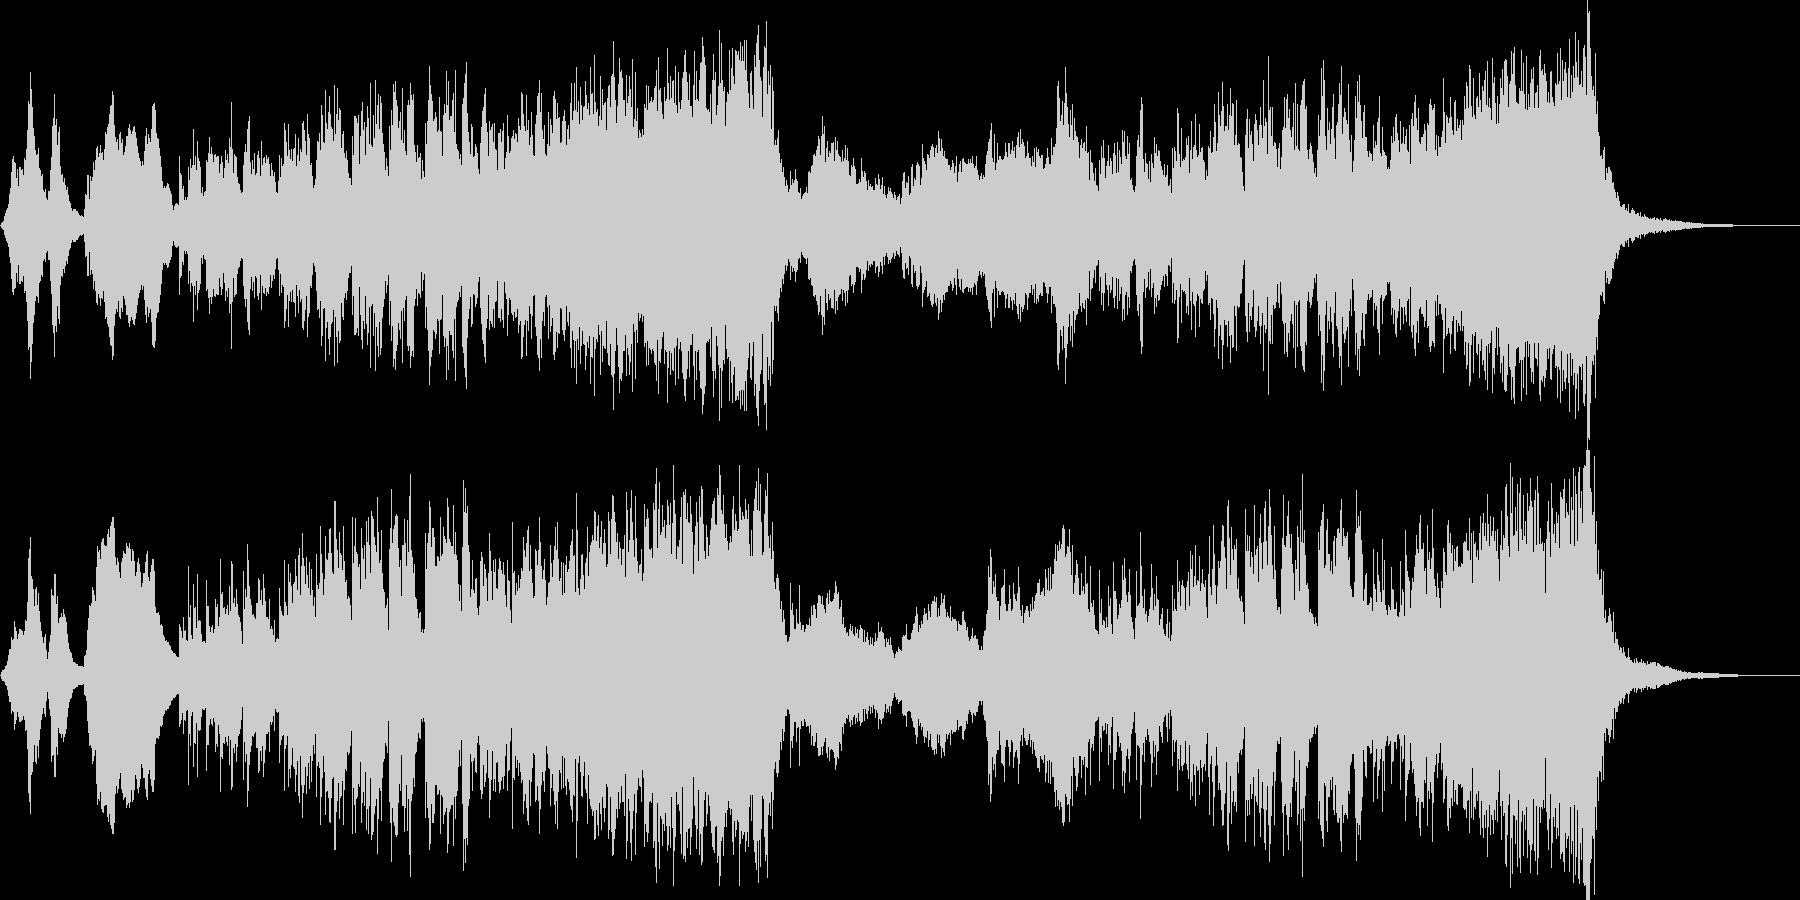 コミカル・パニックな木琴オーケストラの未再生の波形